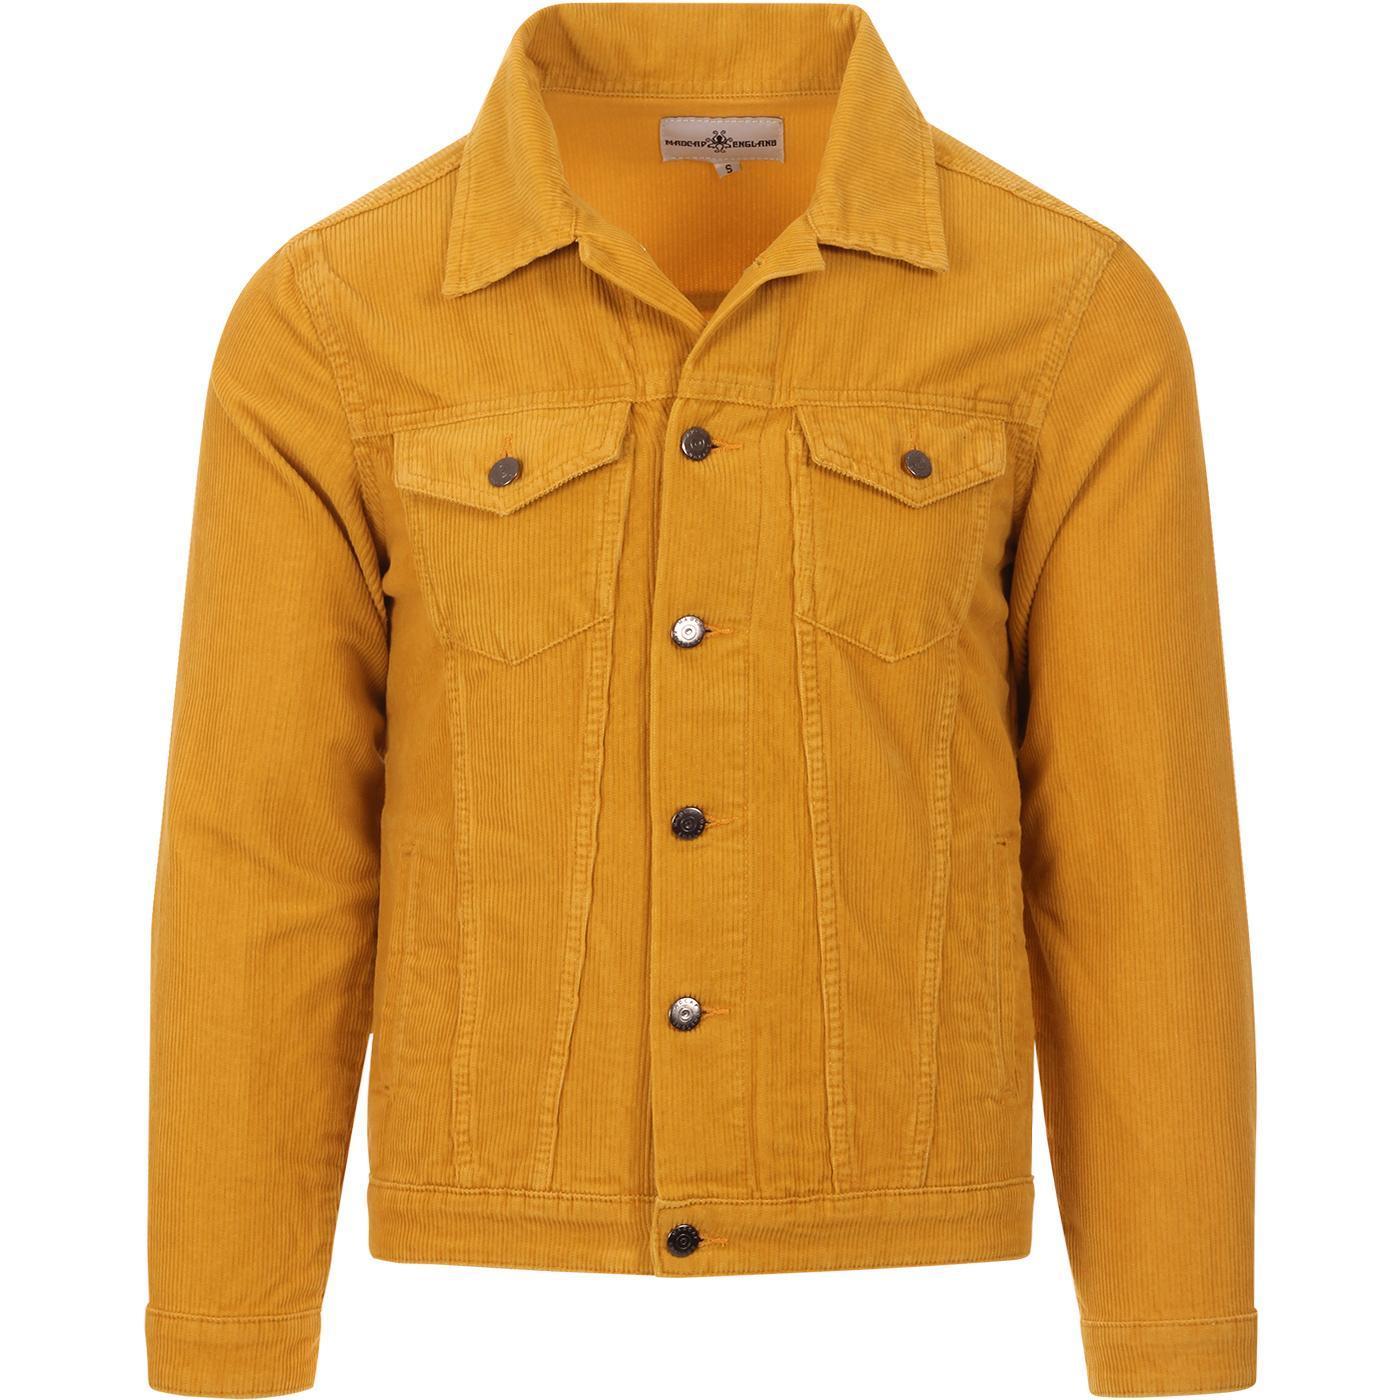 New Woburn MADCAP ENGLAND Cord Western Jacket GOLD